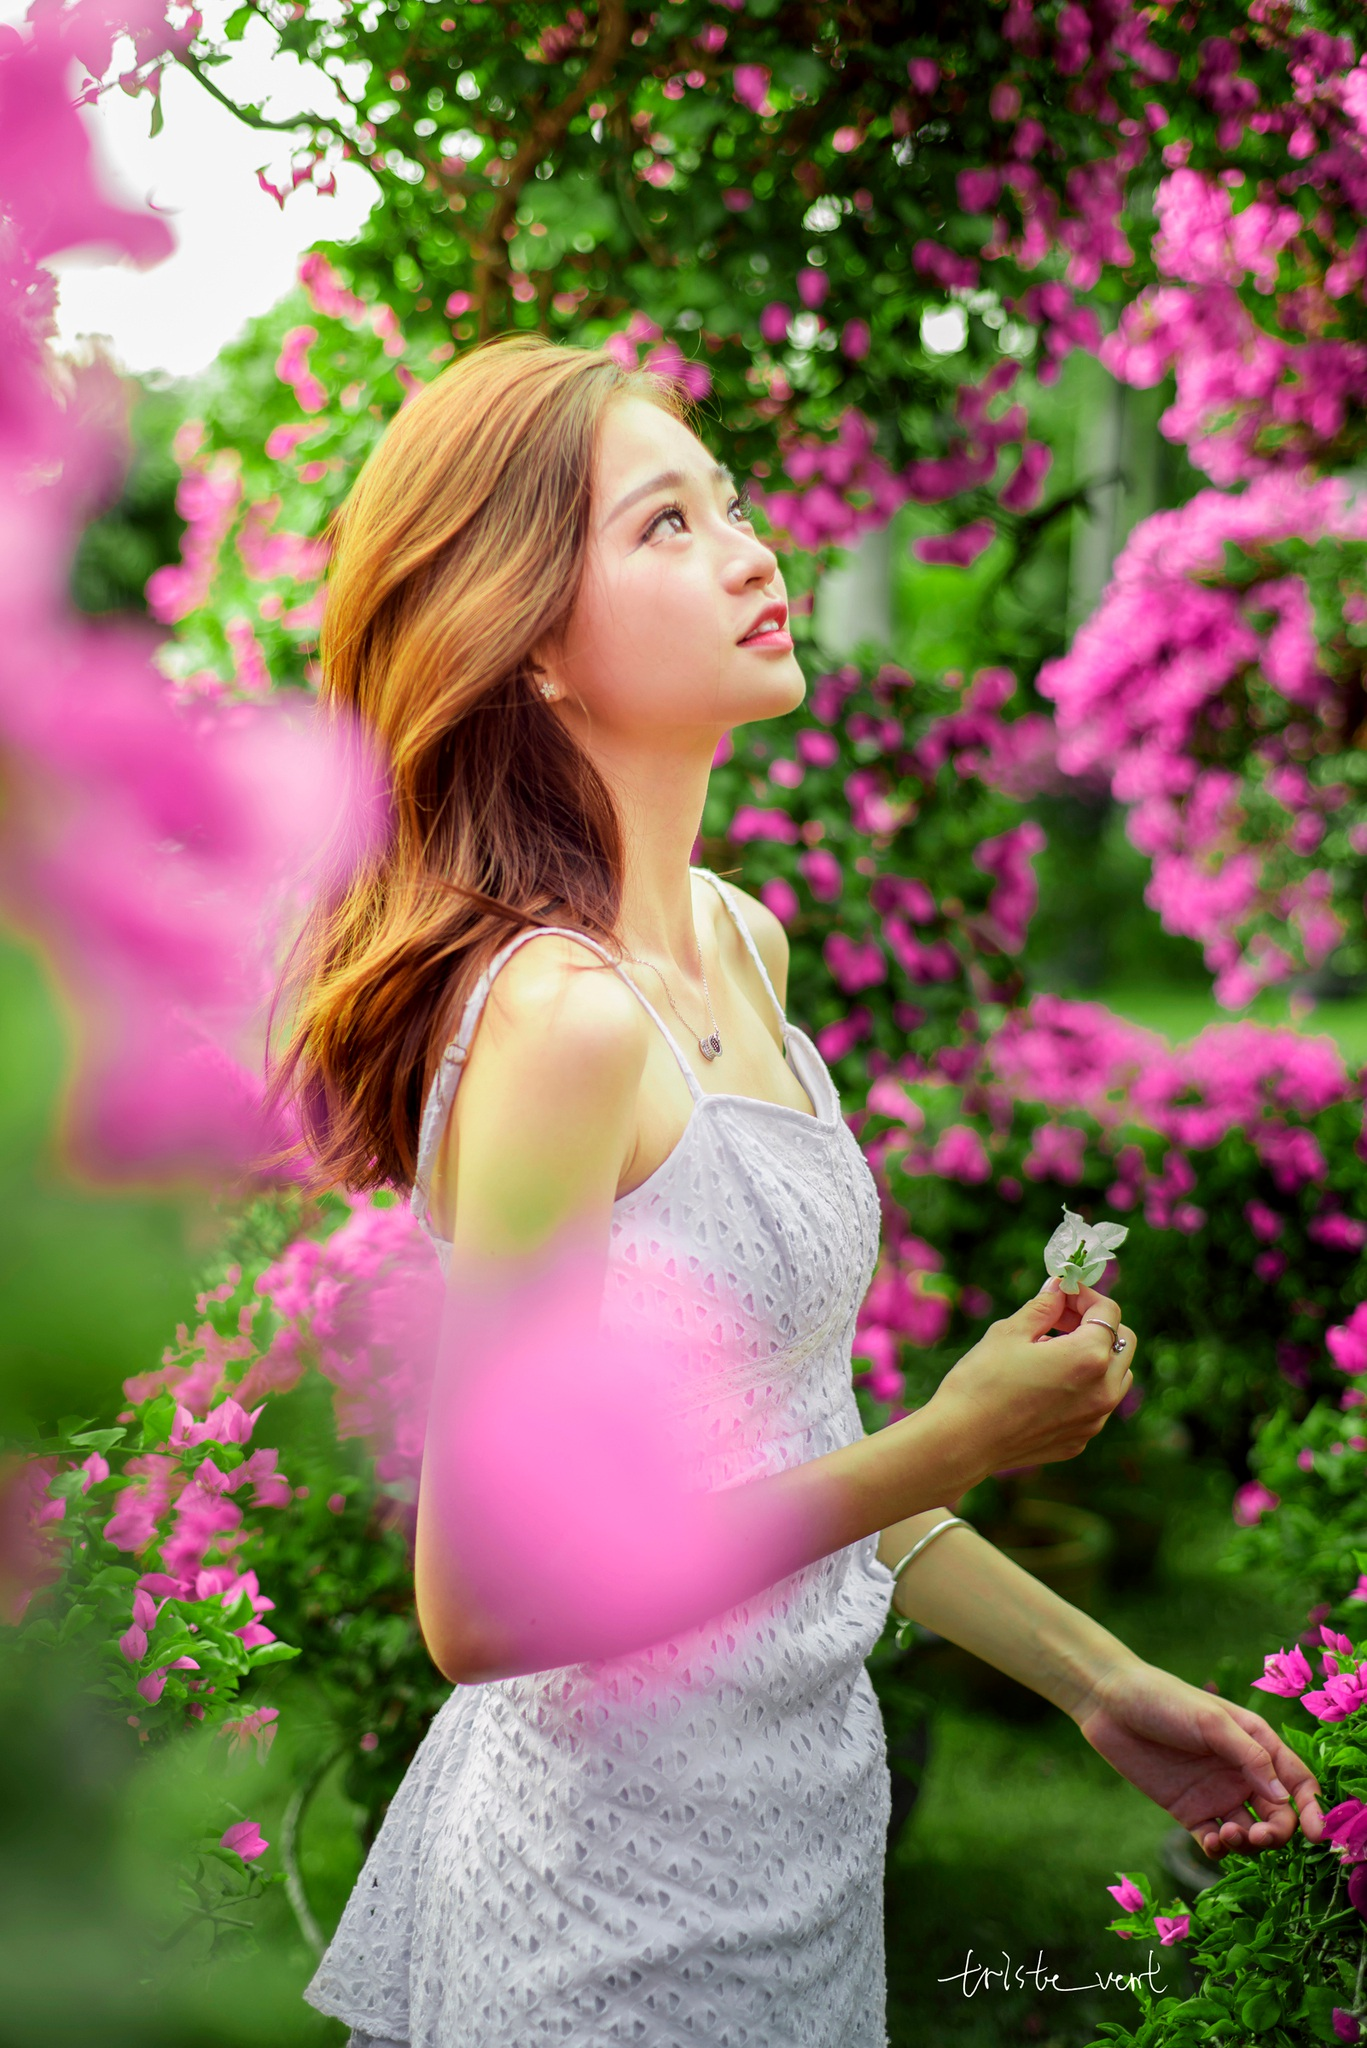 【人像摄影】烟雨江南又一春  - 花仙子 - heisemeigui的的博客